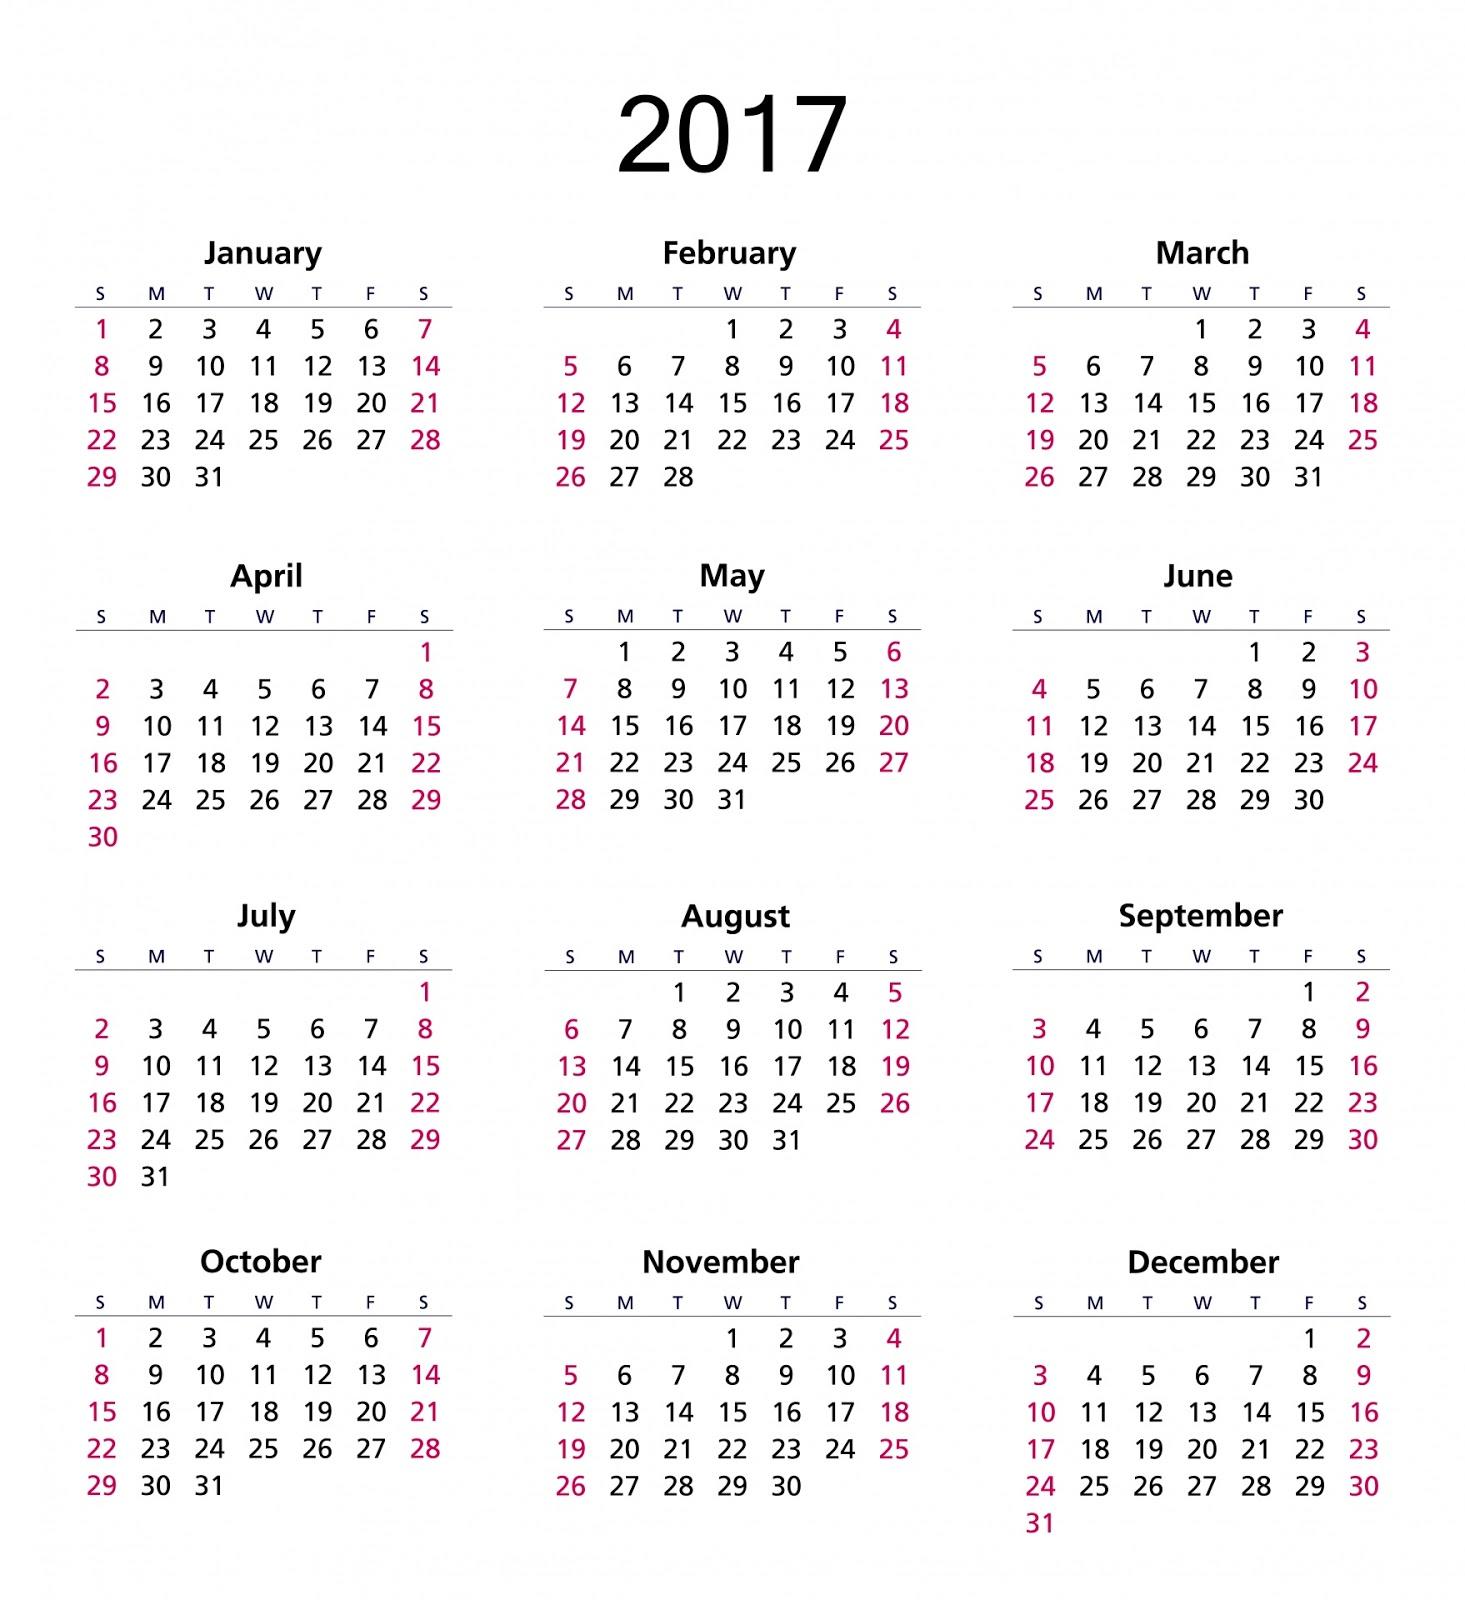 2017 annual calendar